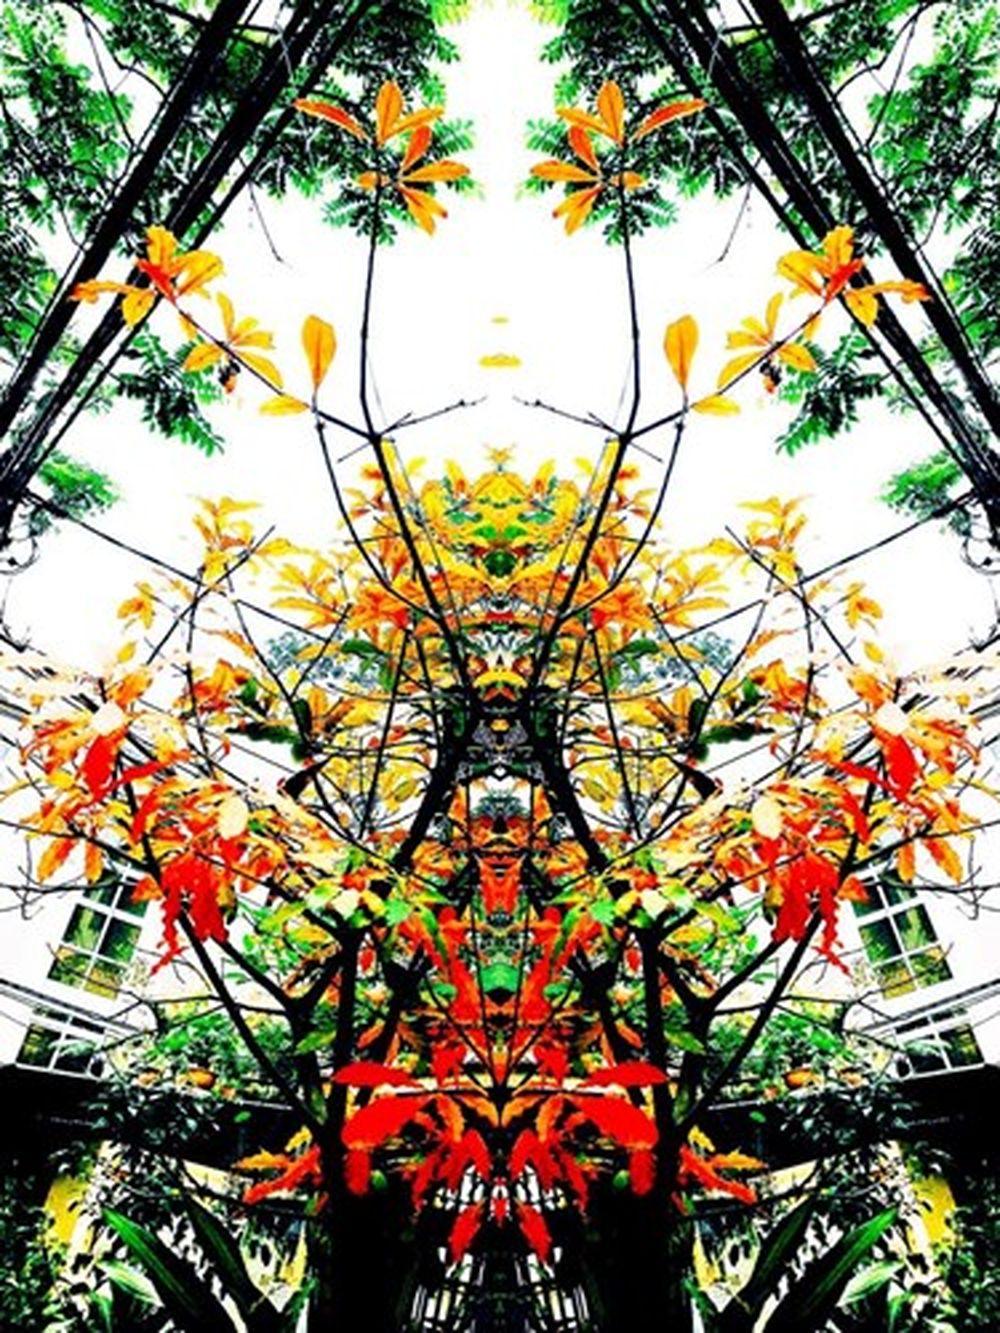 Bức ảnh chụp cây lá đỏ ngược sáng đã qua chỉnh sửa bằng iPhone 7 rất nghệ thuật. Ảnh: FB Ngô Bá Lục.